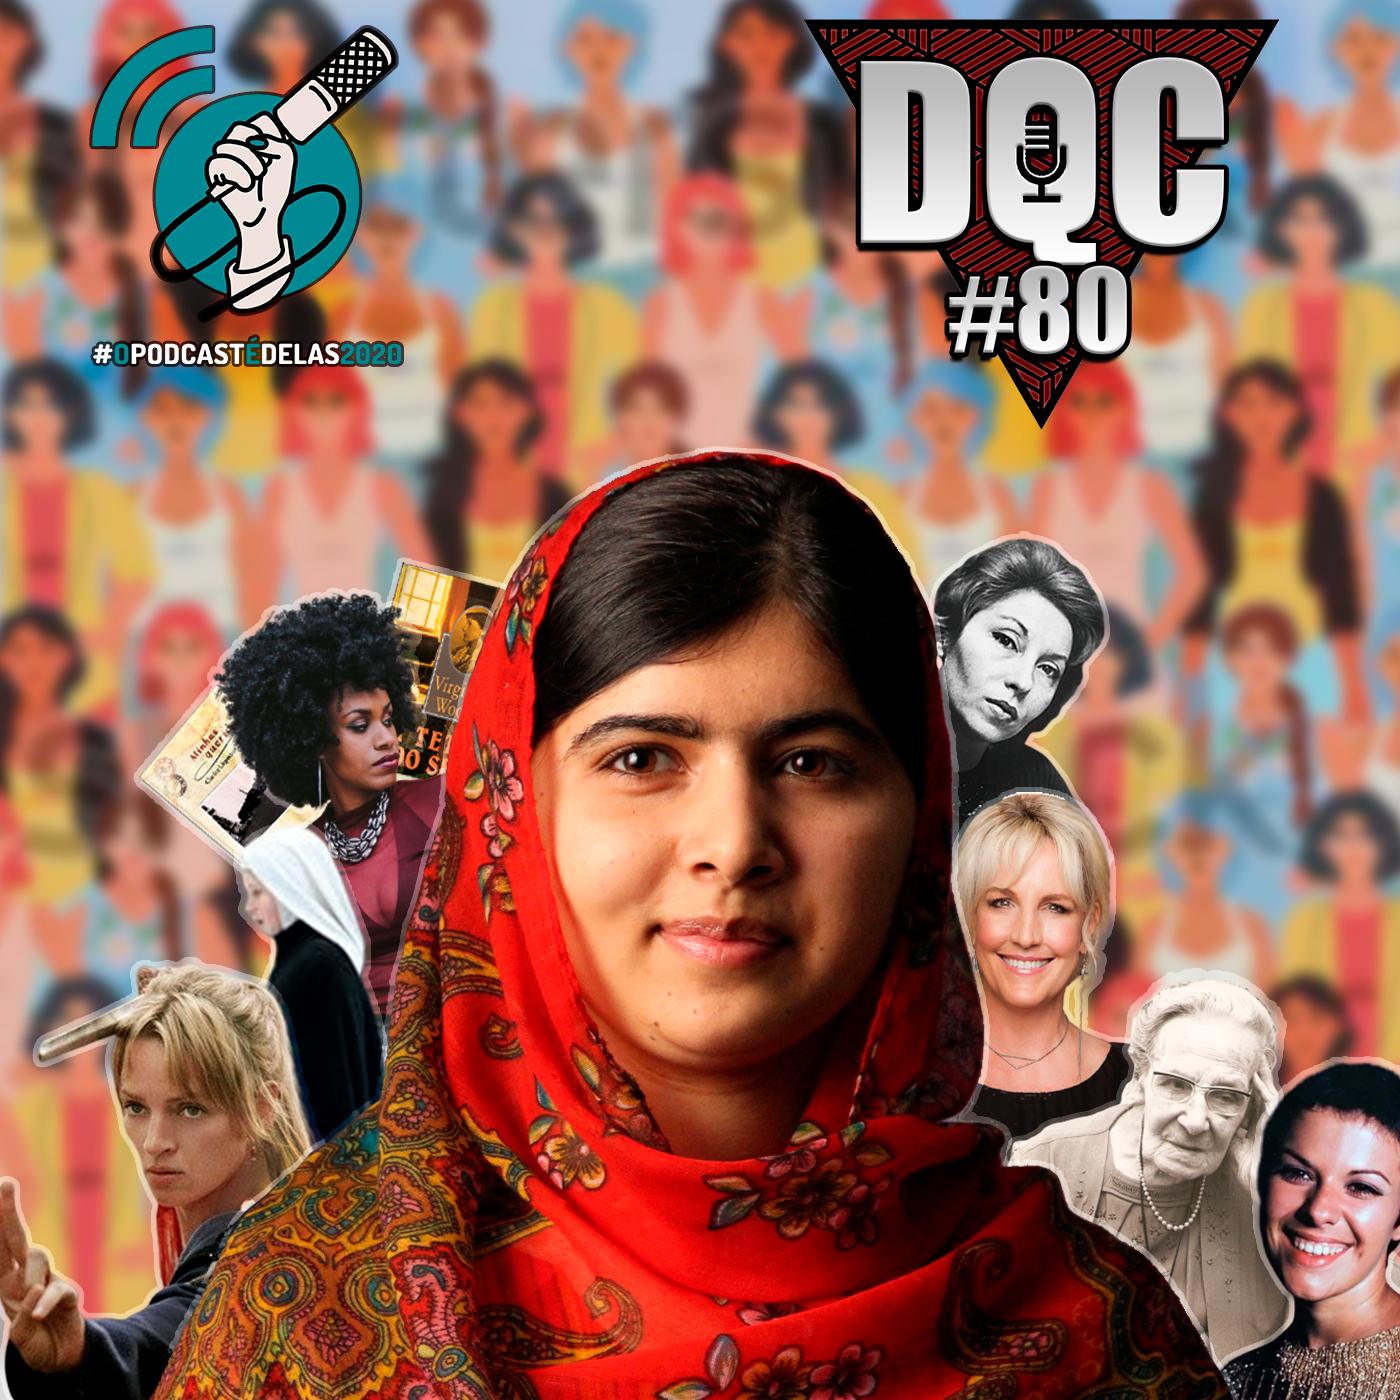 DQC #80 - As Mulheres da Minha Vida - DQC Desculpa Qualquer Coisa